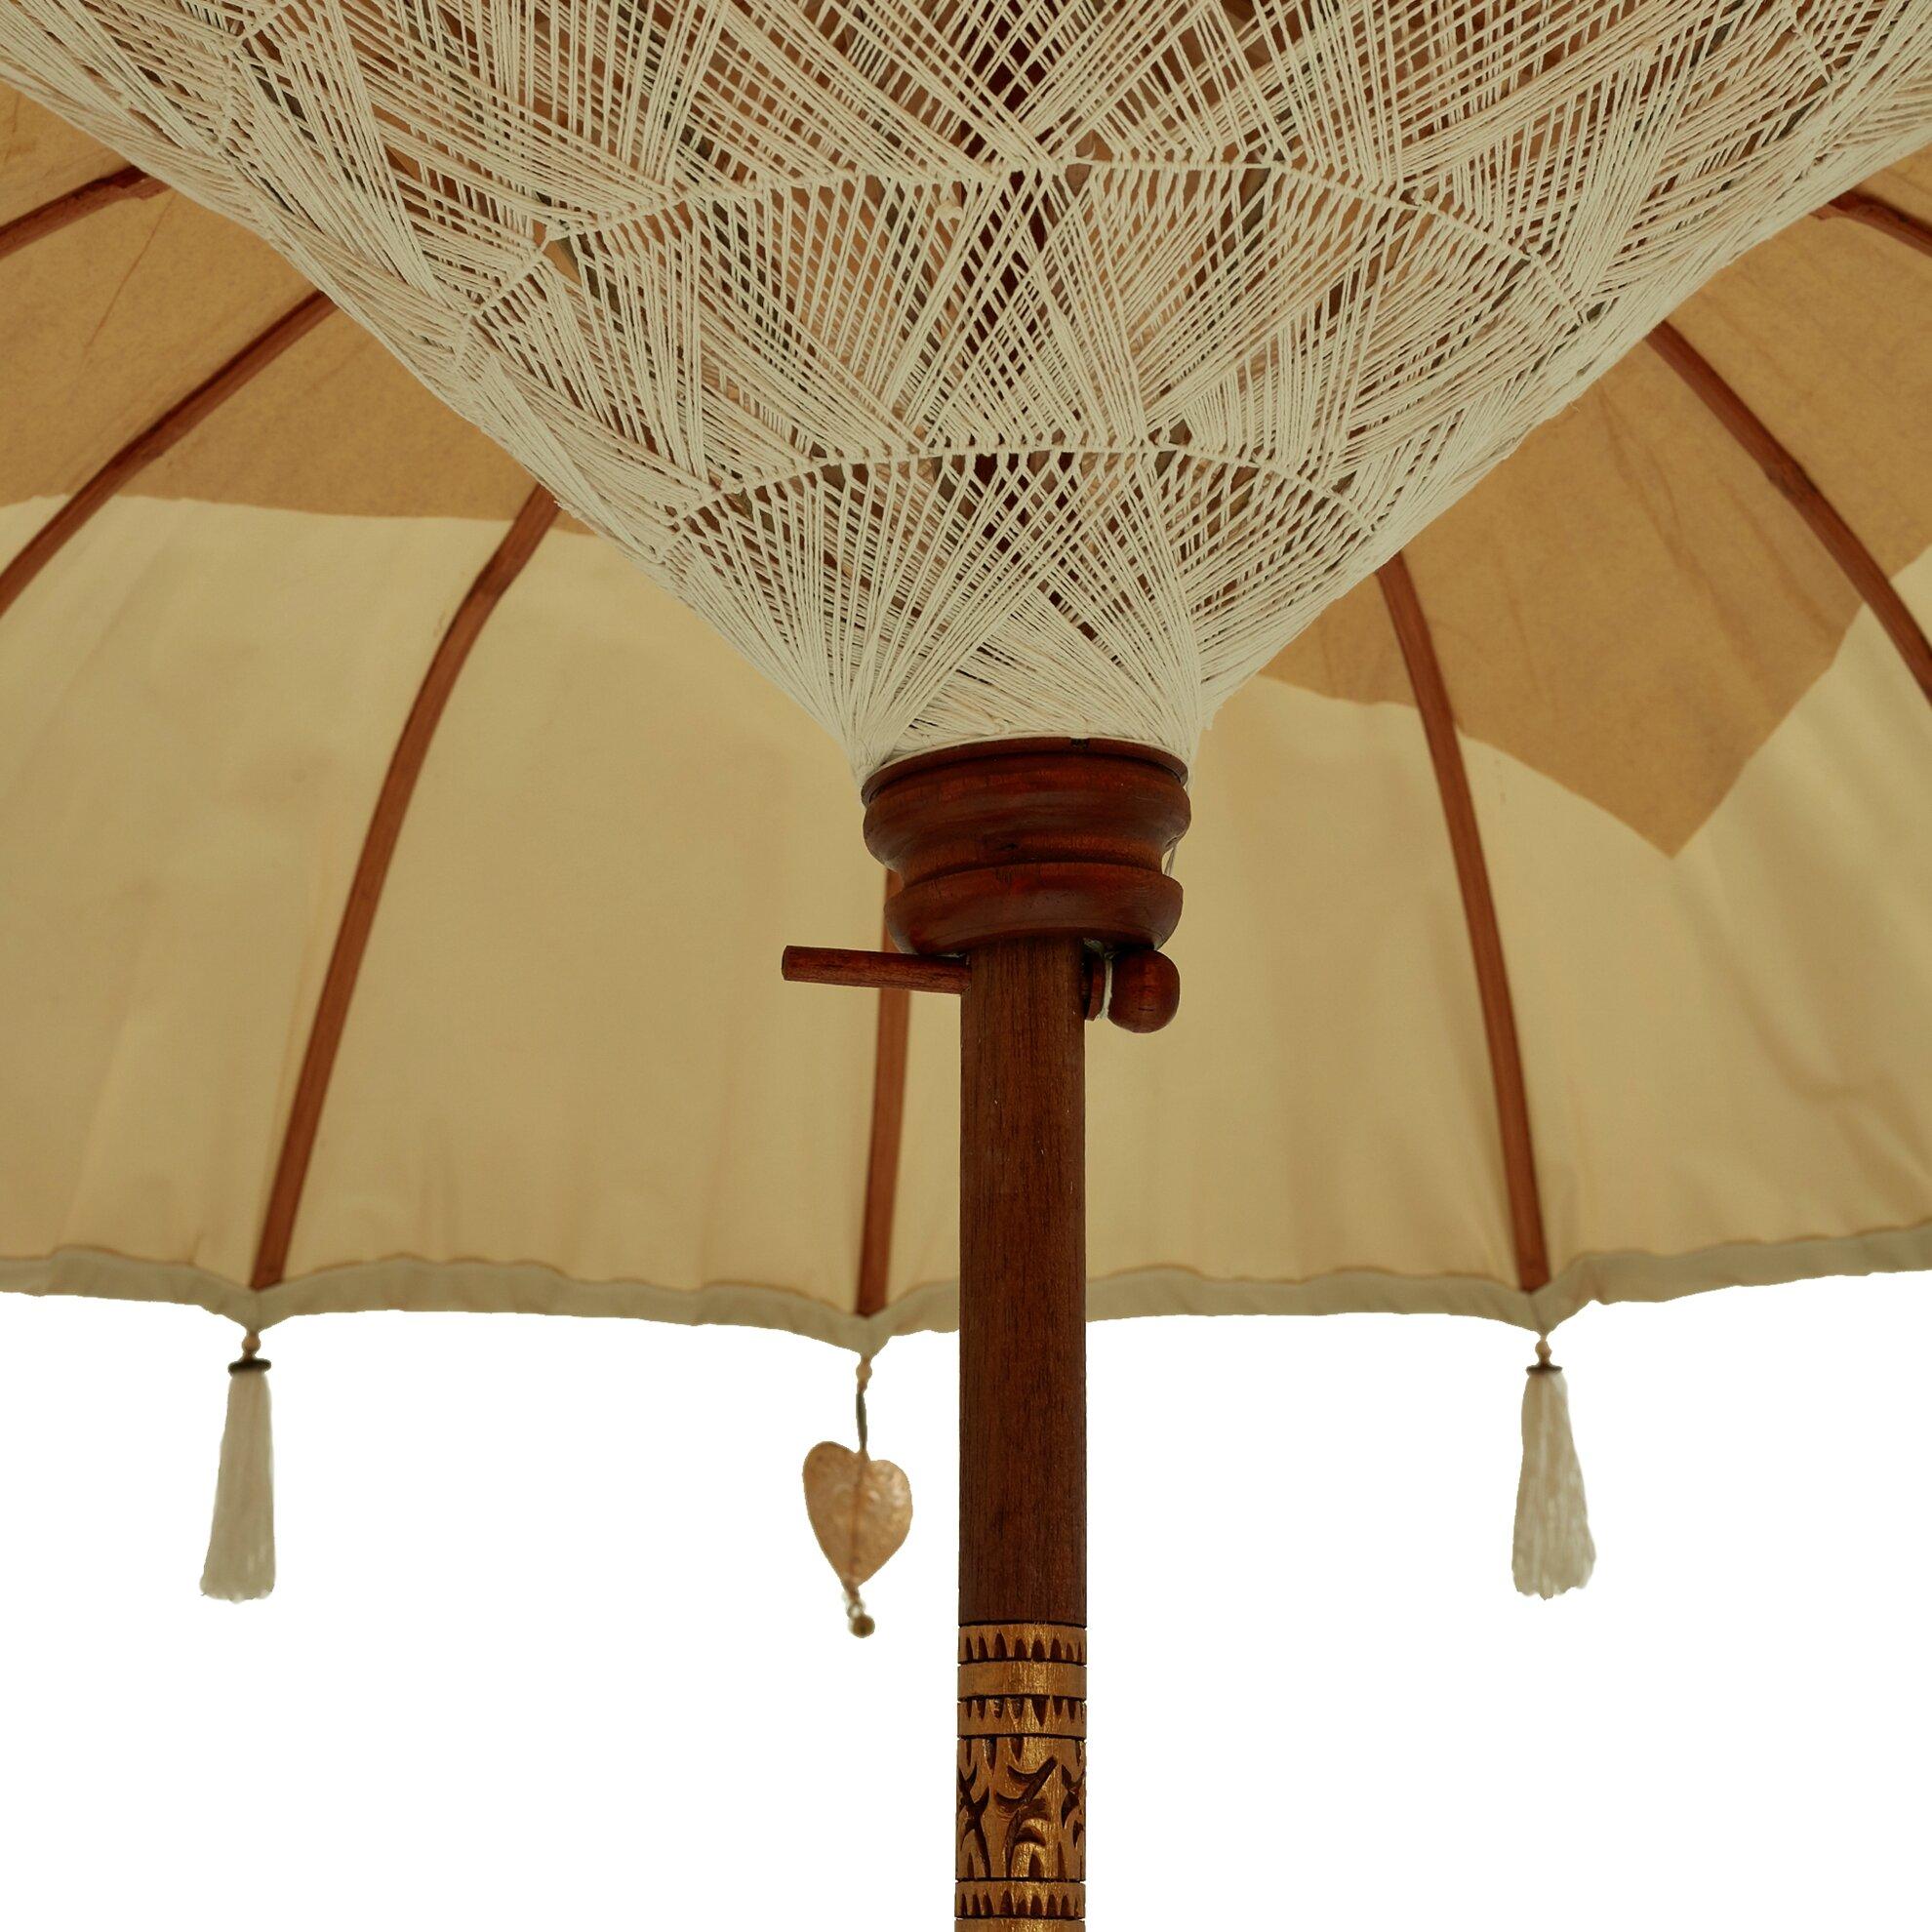 Bahçe Şemsiyesi (185x200cm)